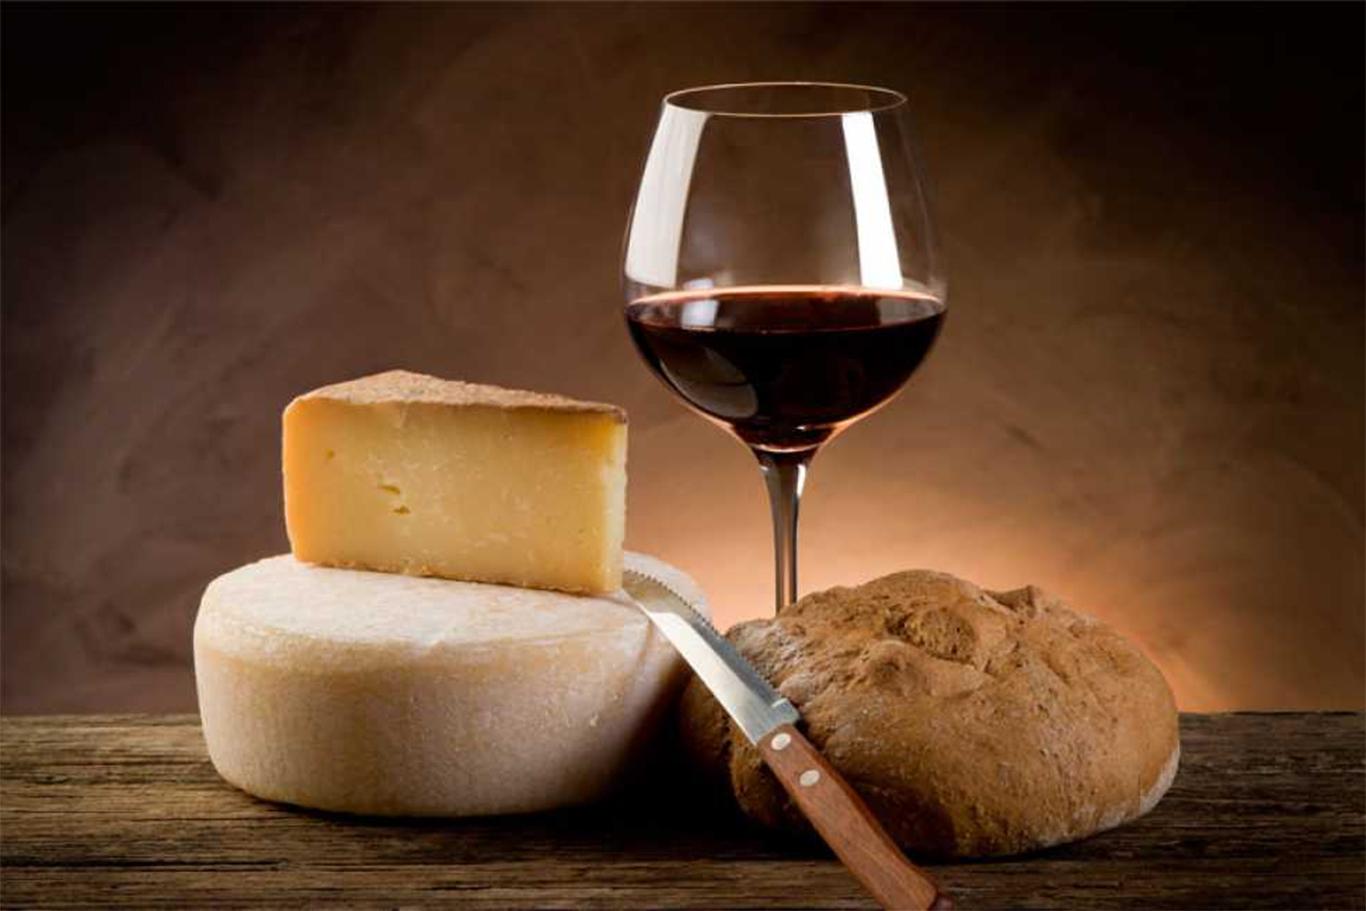 Resultado de imagen para vino y pan